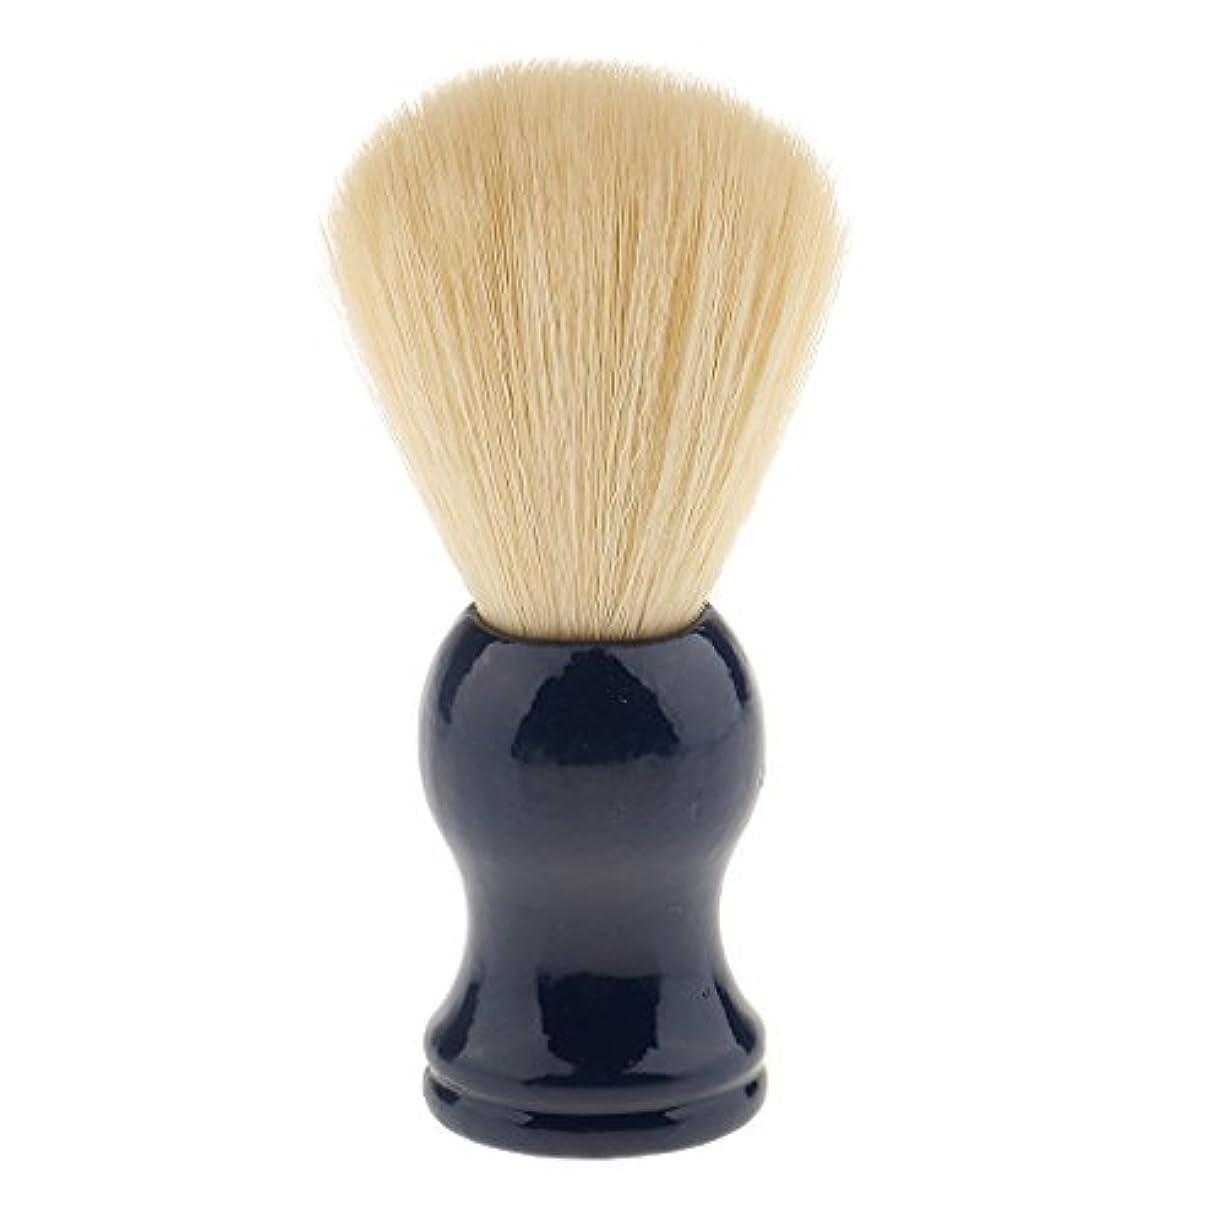 ピック石炭固執ナイロン ひげブラシ シェービング ブラシ 髭 泡立て 散髪整理 理髪用 サロン 快適 美容院